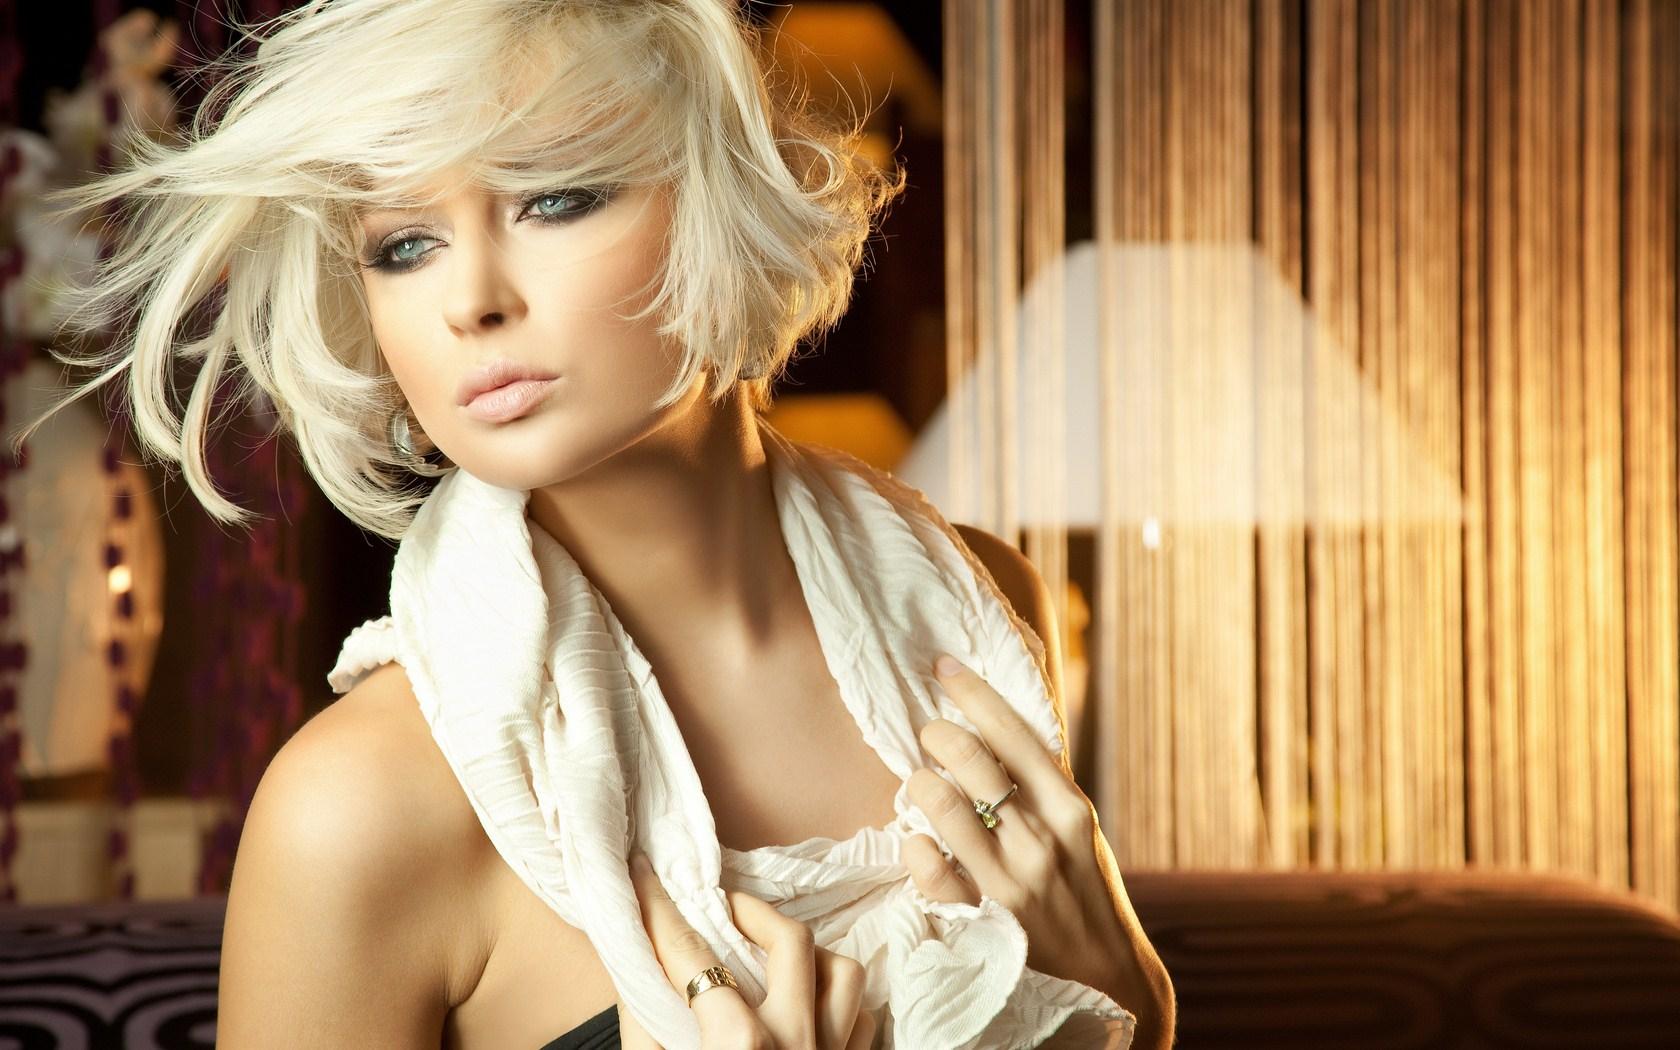 Room Beautiful Blonde Girl HD Wallpaper